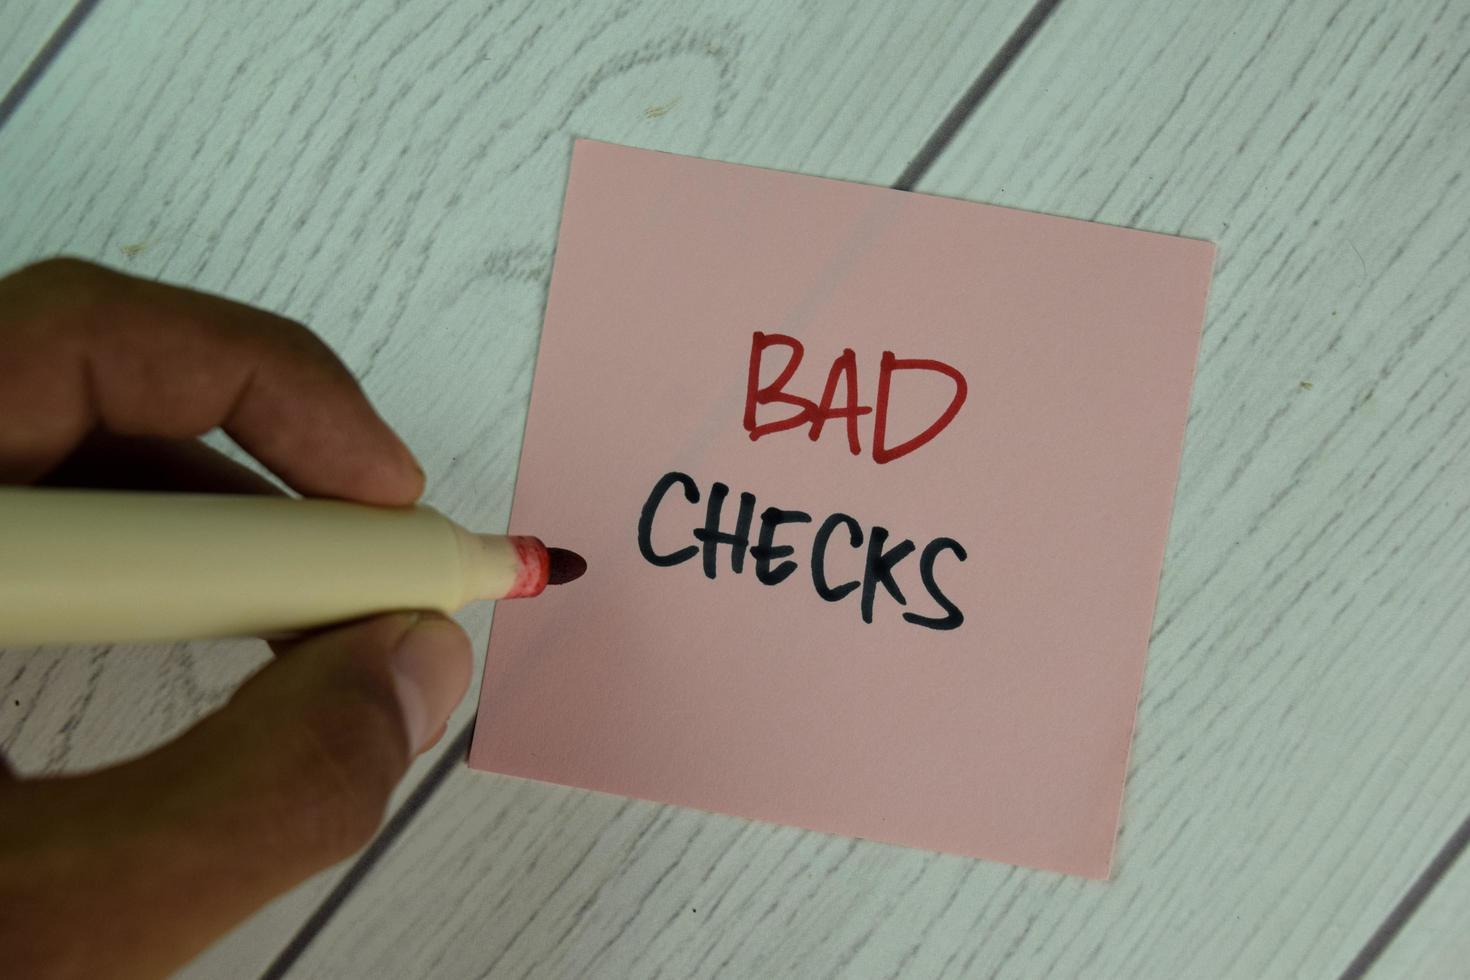 schlechte Schecks geschrieben auf Haftnotiz isoliert auf Holztisch foto